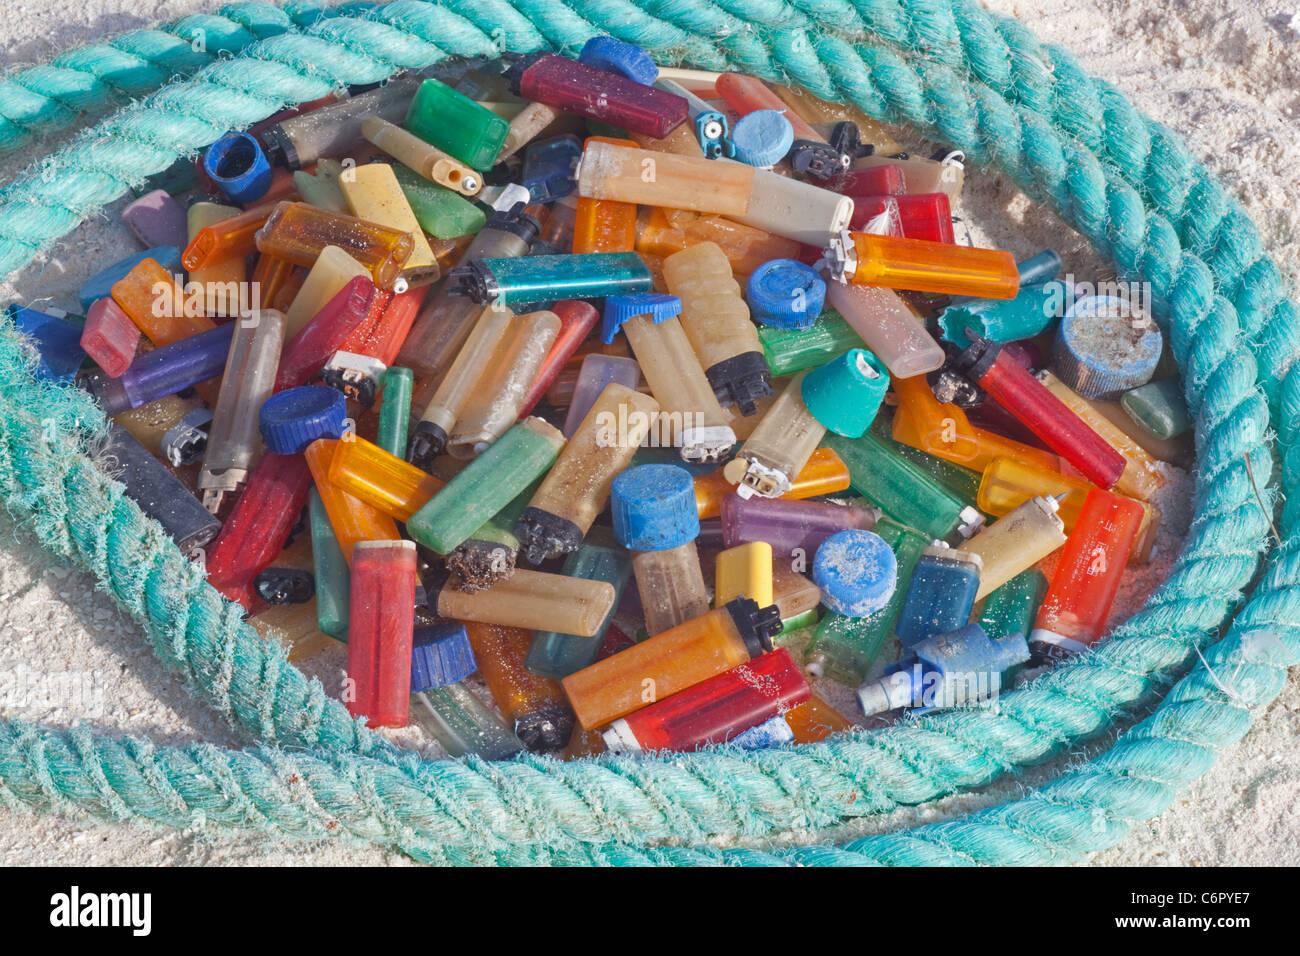 Los encendedores de cigarrillos y cuerda, los detritos marinos arrastrado en una isla del Pacífico y luego recogidos por los turistas para evitar daños a las aves marinas u otros animales salvajes Foto de stock